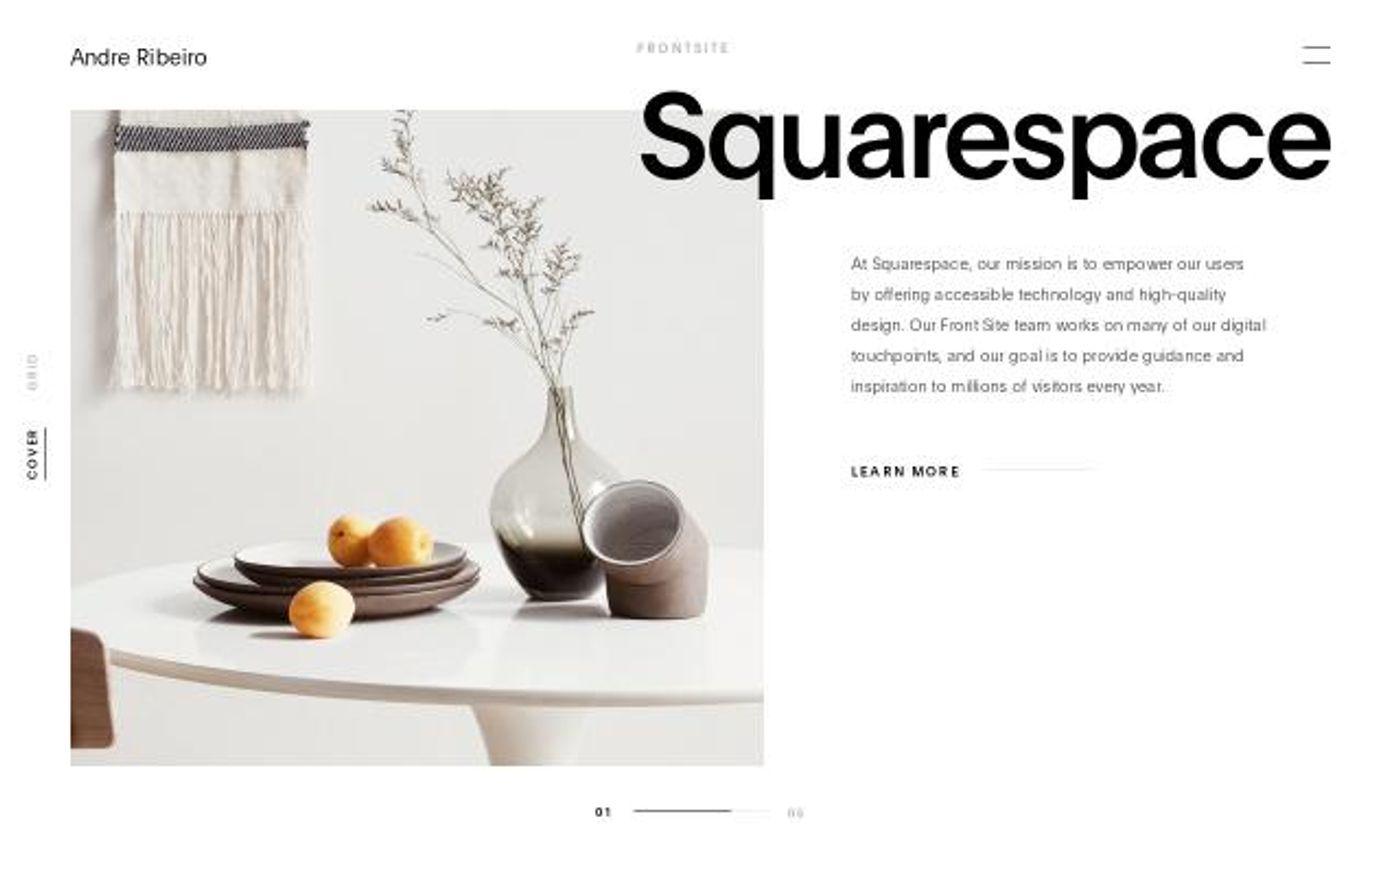 Screenshot of Andre Ribeiro website